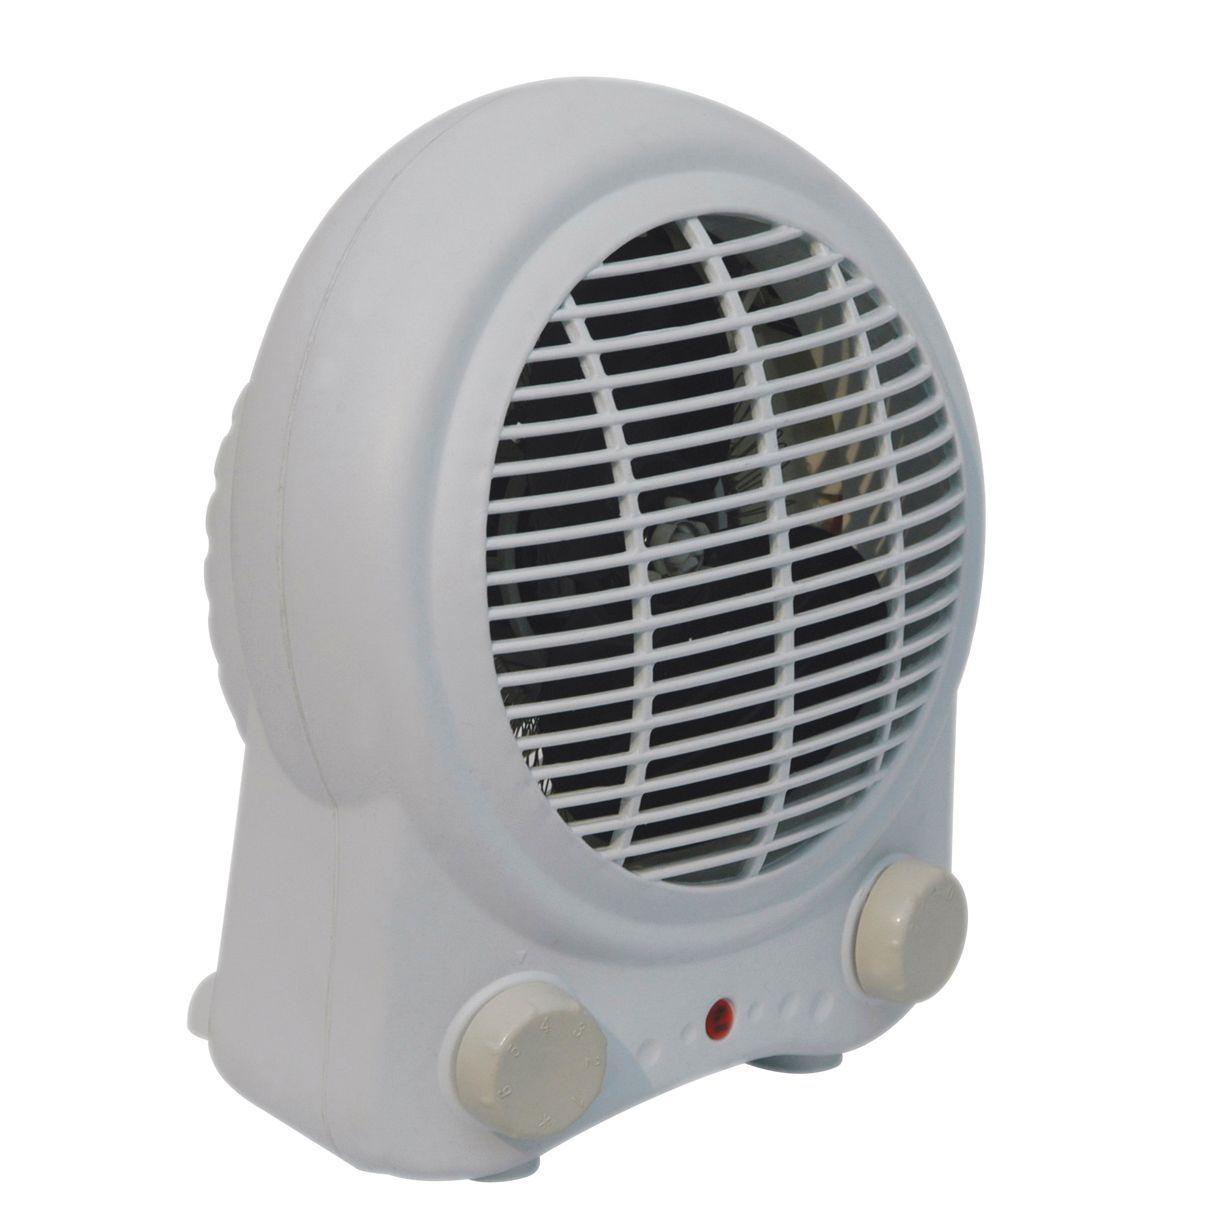 Diy Usb Fan Heater: B&Q Electric 2000W White Fan Heater